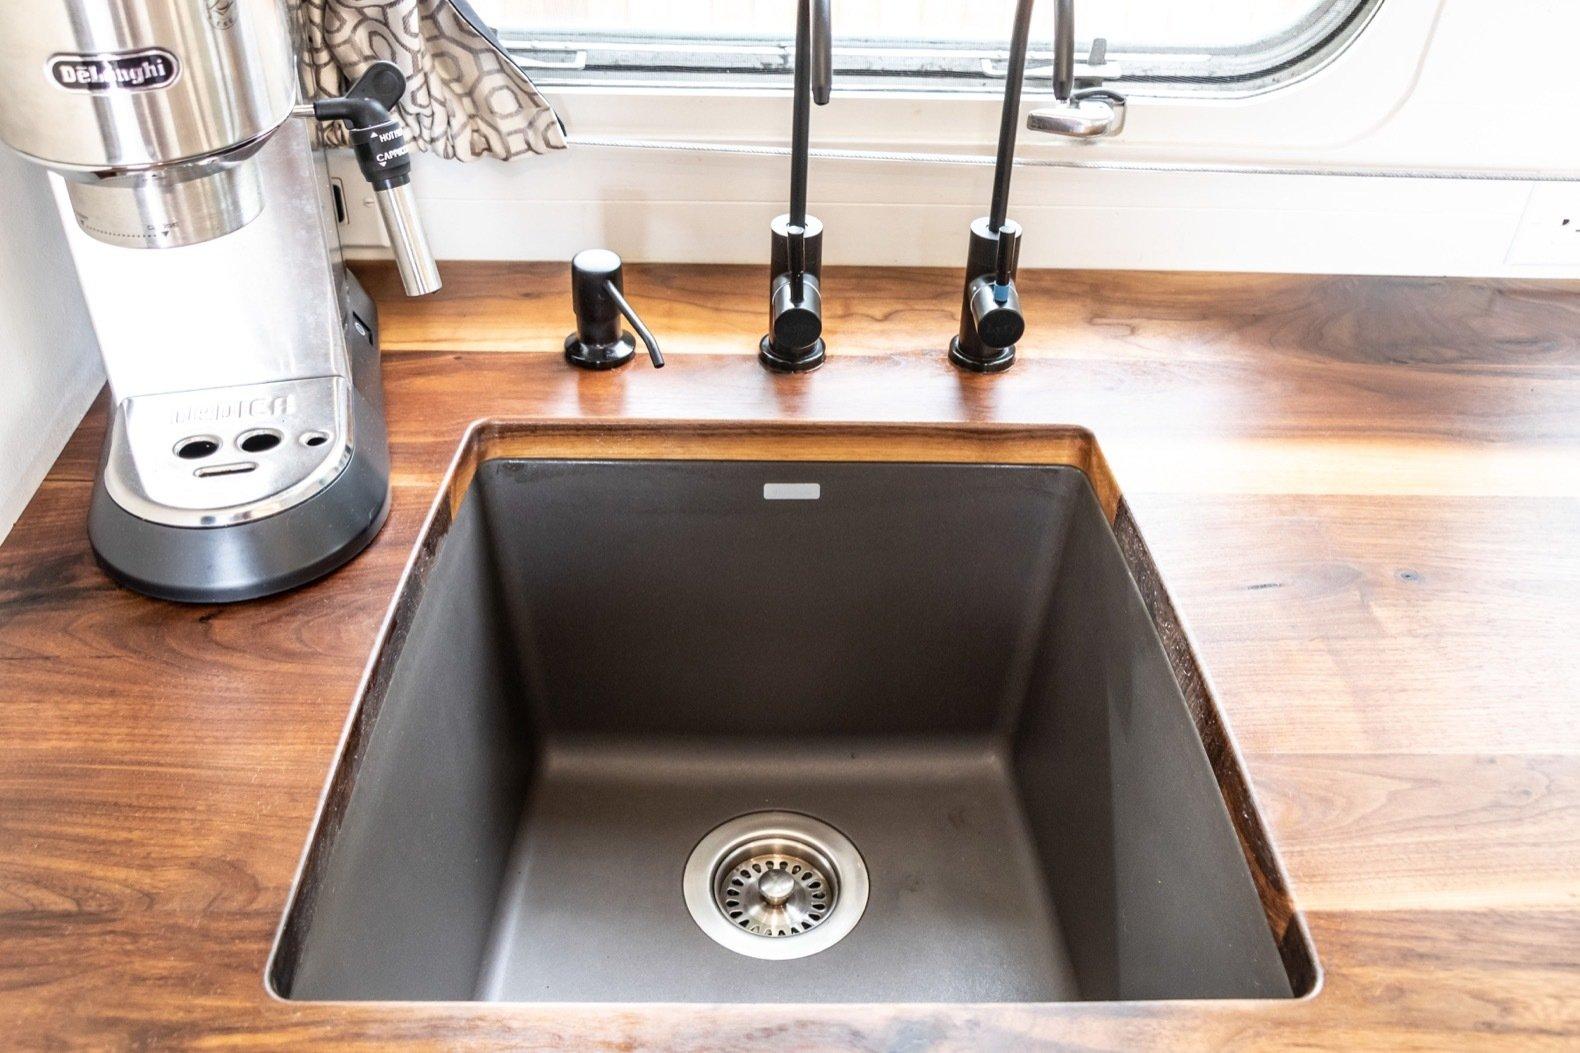 Peanut Airstream Land Yacht kitchen sink